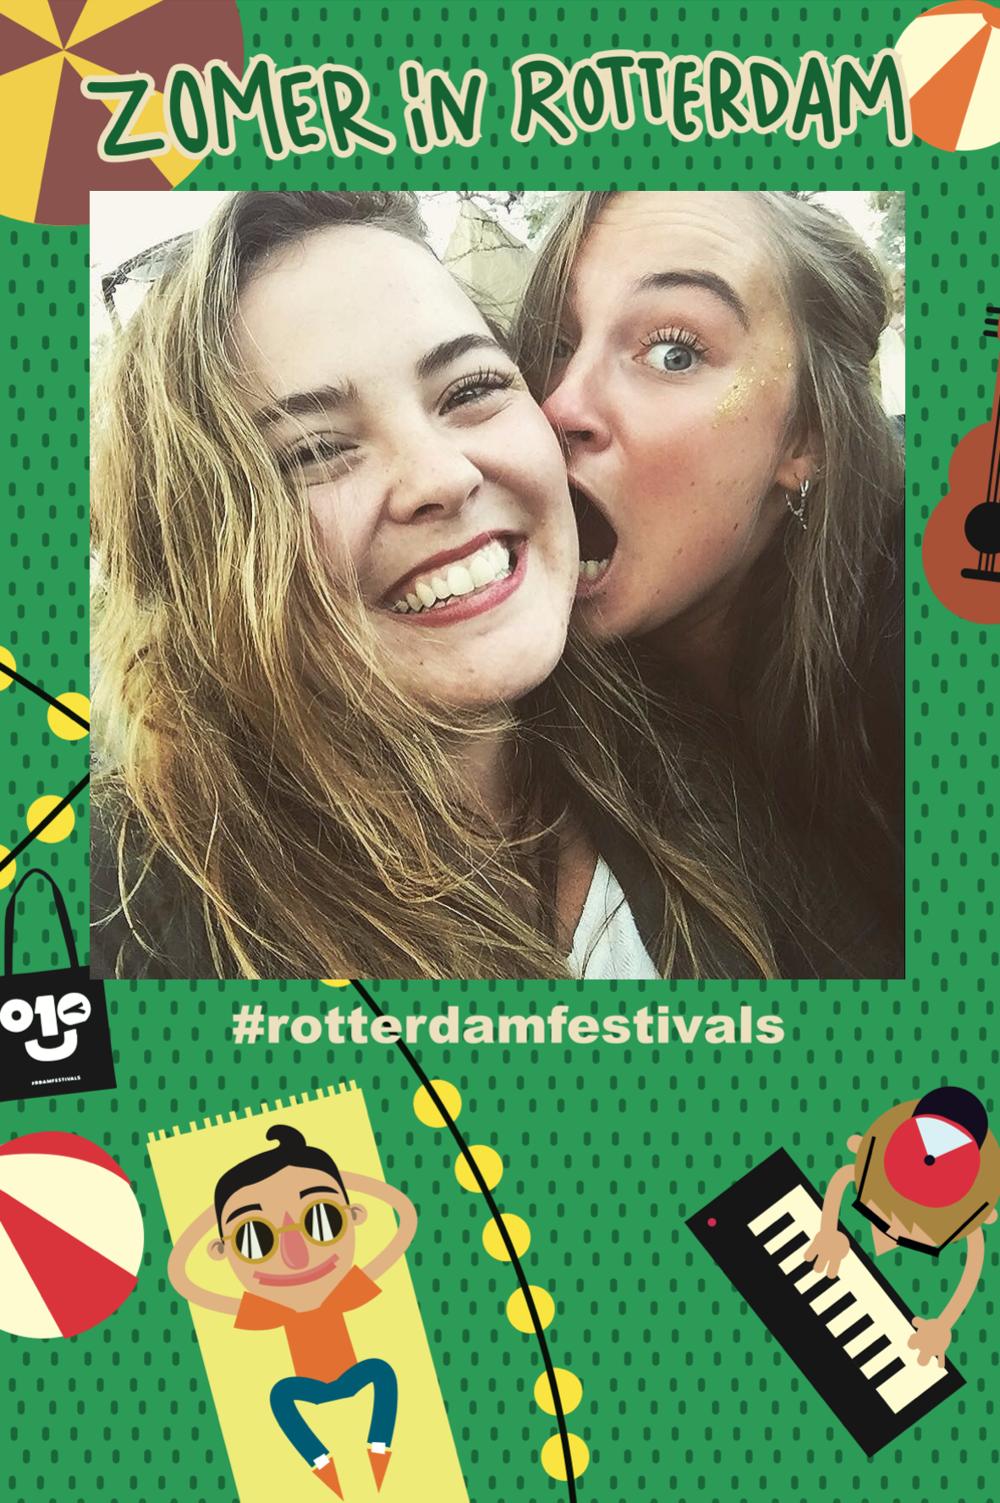 rotterdamfestivals_thehashtagbike1.png